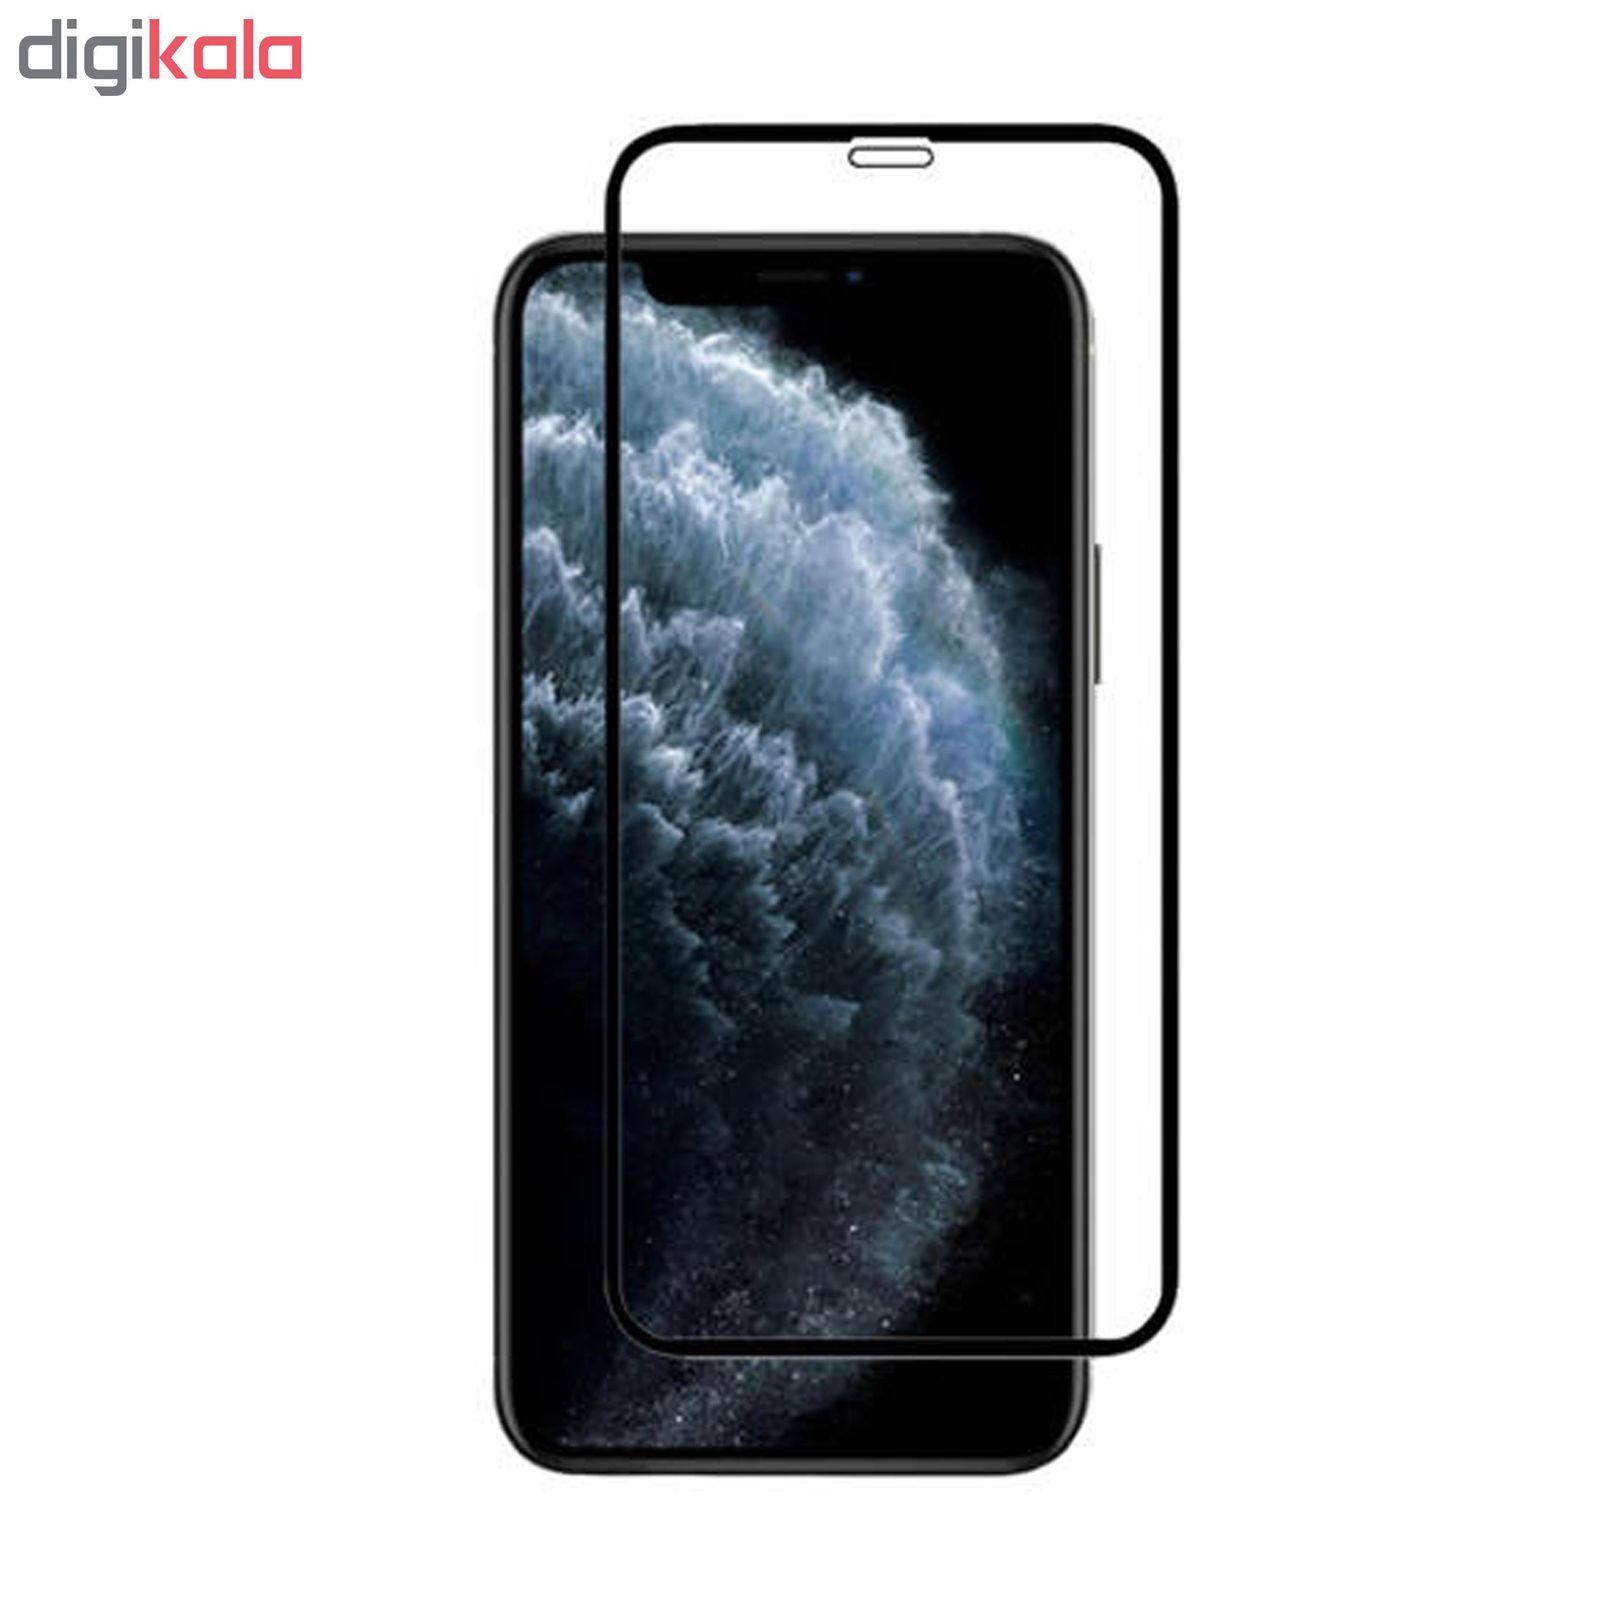 محافظ صفحه نمایش پنتاکس مدل Radiom مناسب برای گوشی موبایل اپل Iphone 11 main 1 2